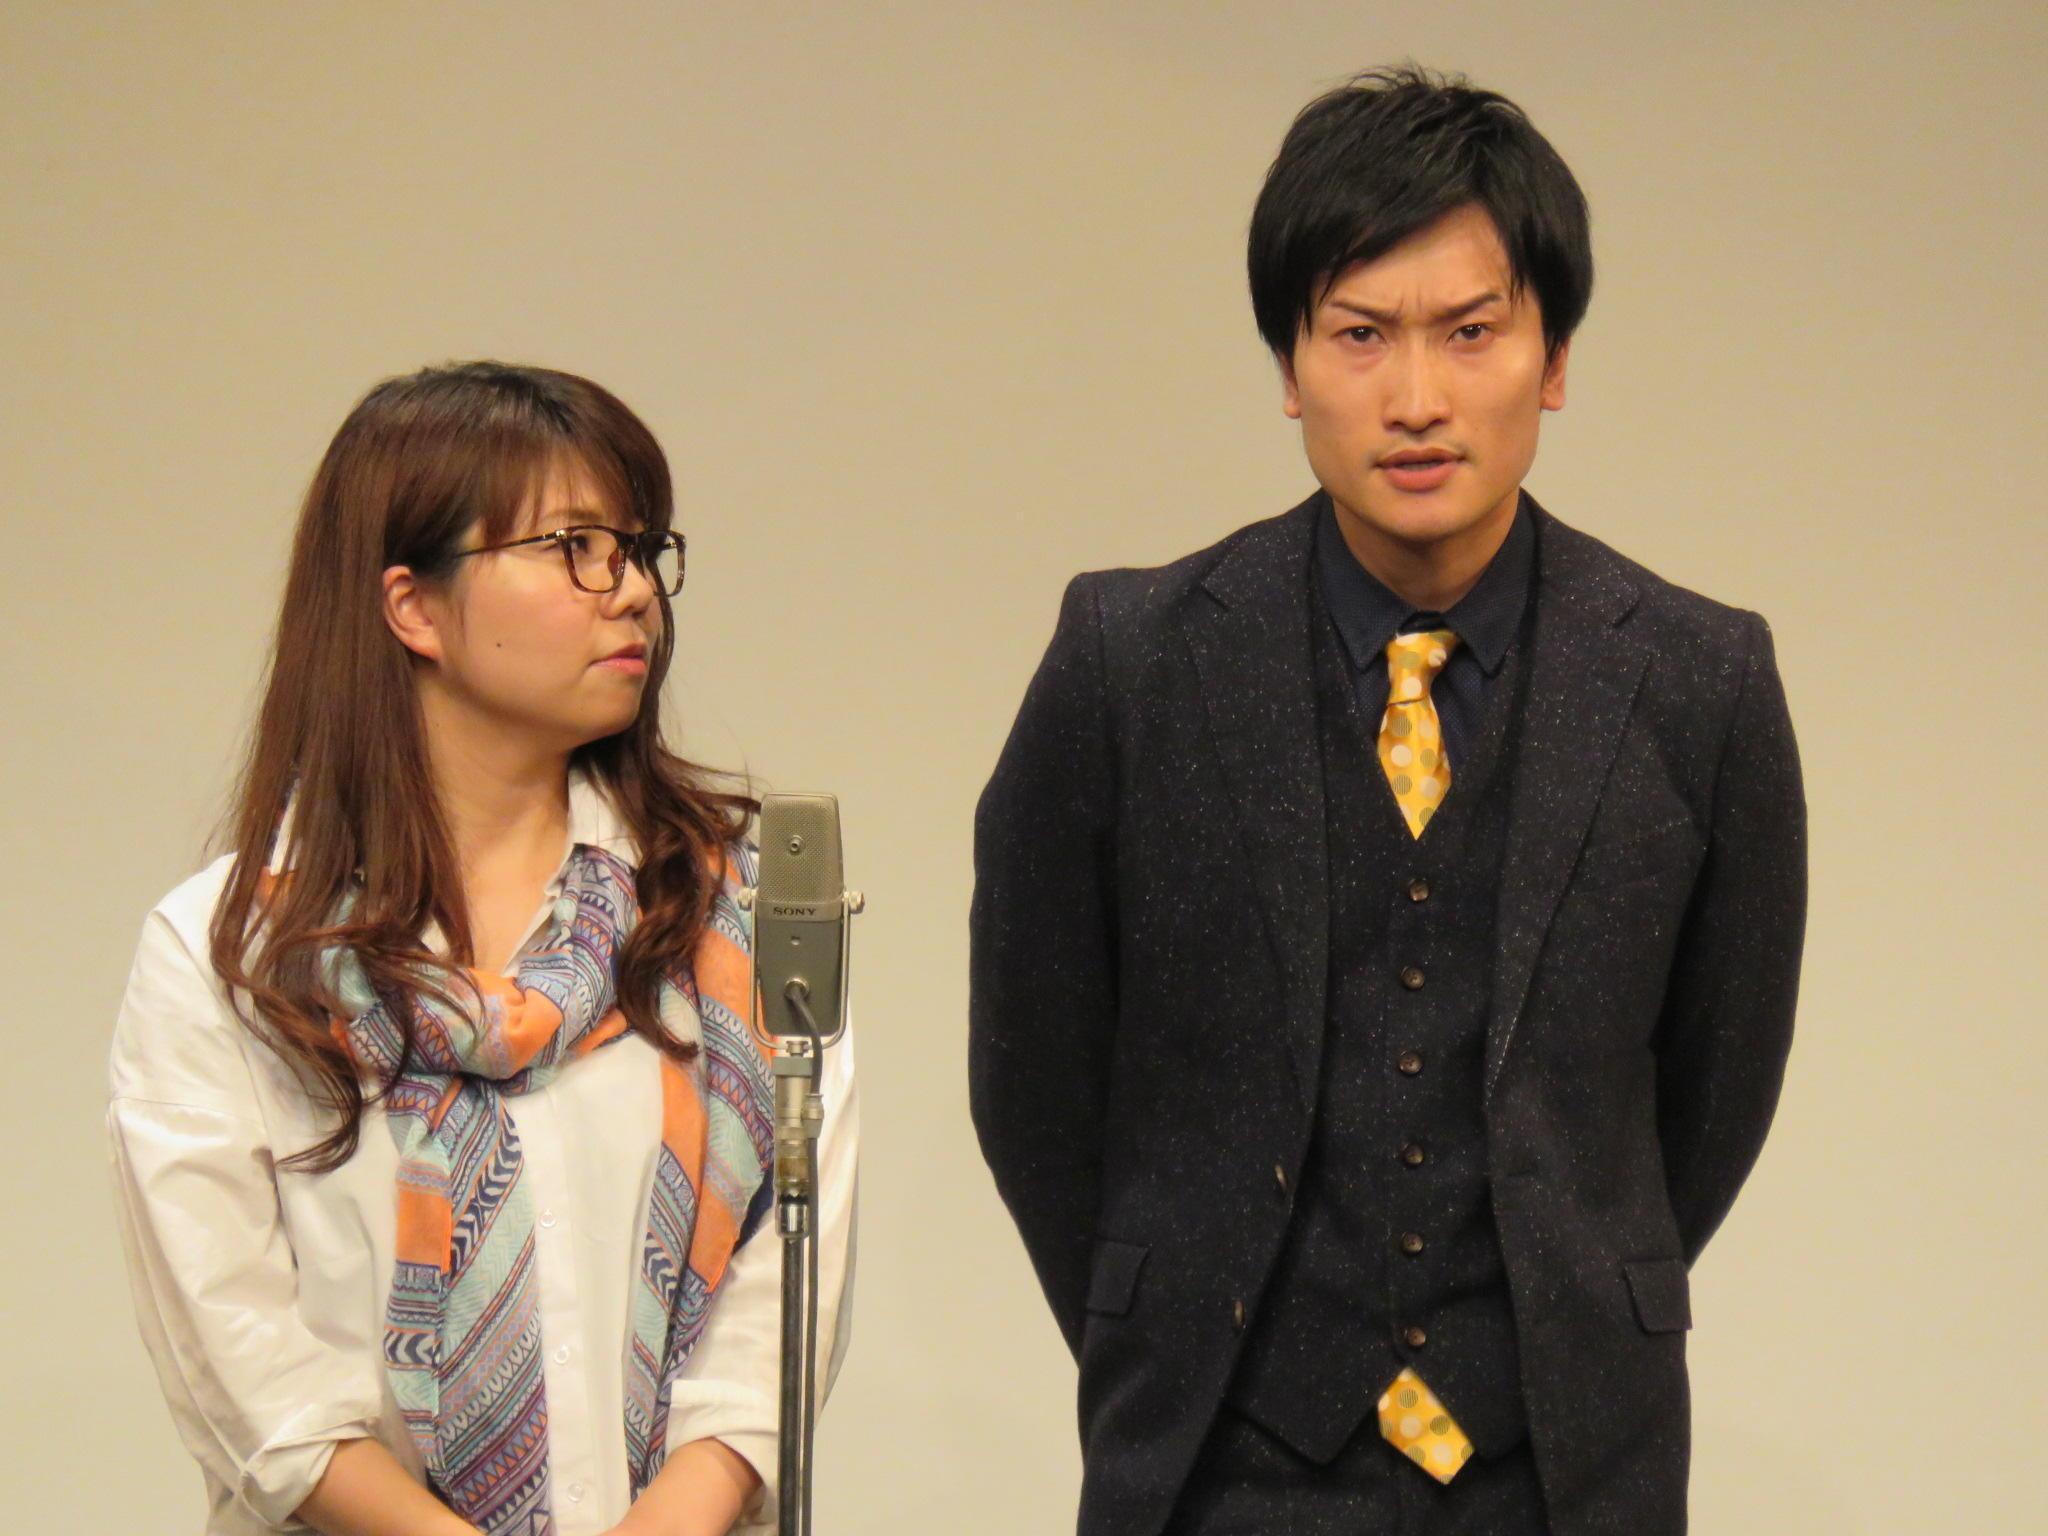 http://news.yoshimoto.co.jp/20170419153342-98f93dd248edc55f545cd7bc7781a4ab54825ce2.jpg